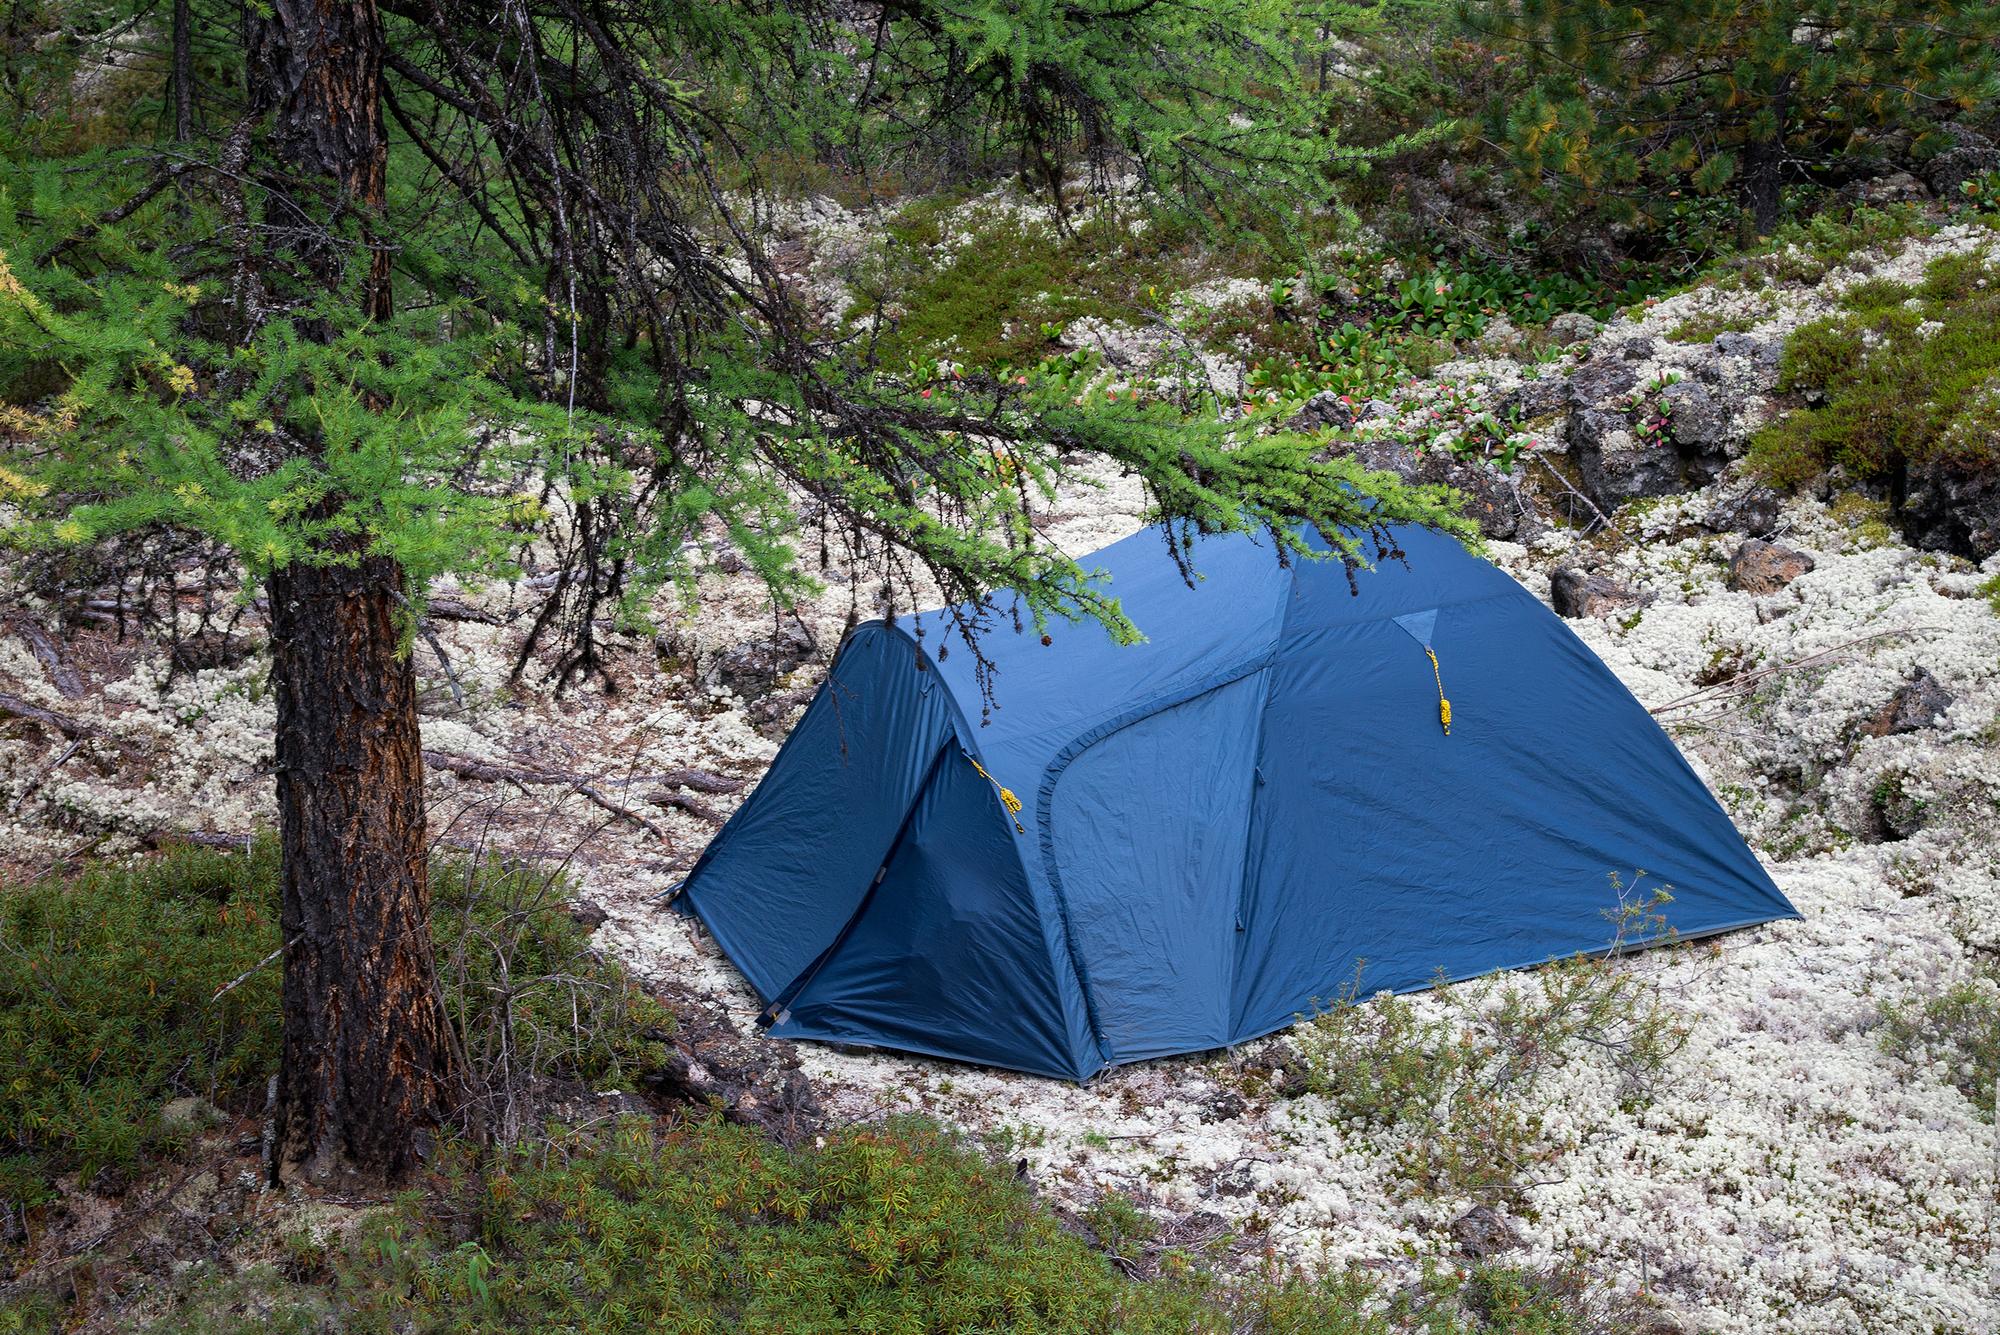 今年は諦めました…でもやっぱり雪中キャンプがしてみたい!初心者は春先をねらえ!雪中ビギナーにおすすめキャンプ場♪関東編